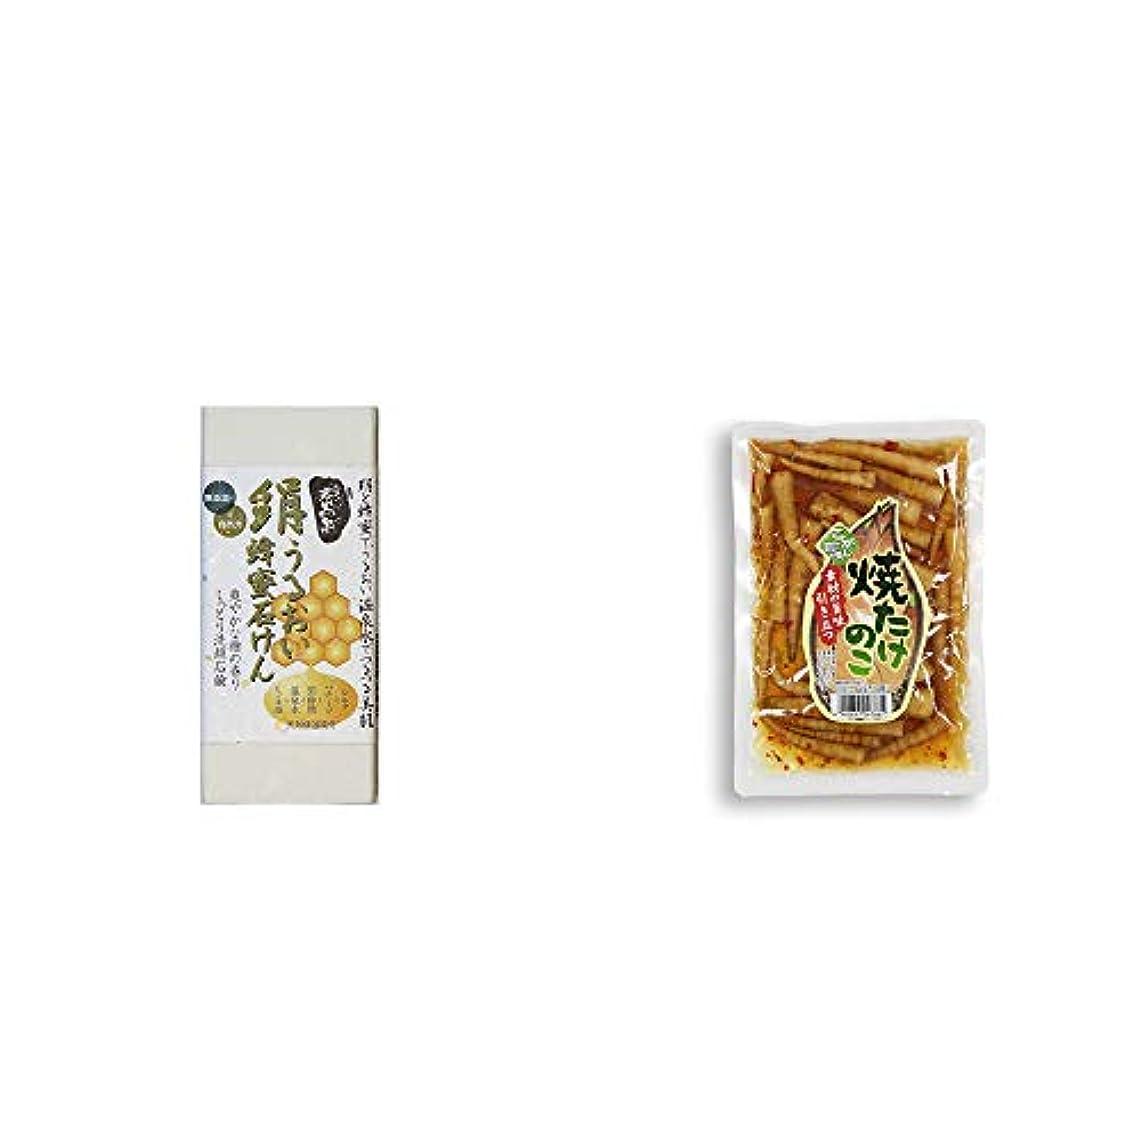 勘違いする各王子[2点セット] ひのき炭黒泉 絹うるおい蜂蜜石けん(75g×2)?焼たけのこ(300g)